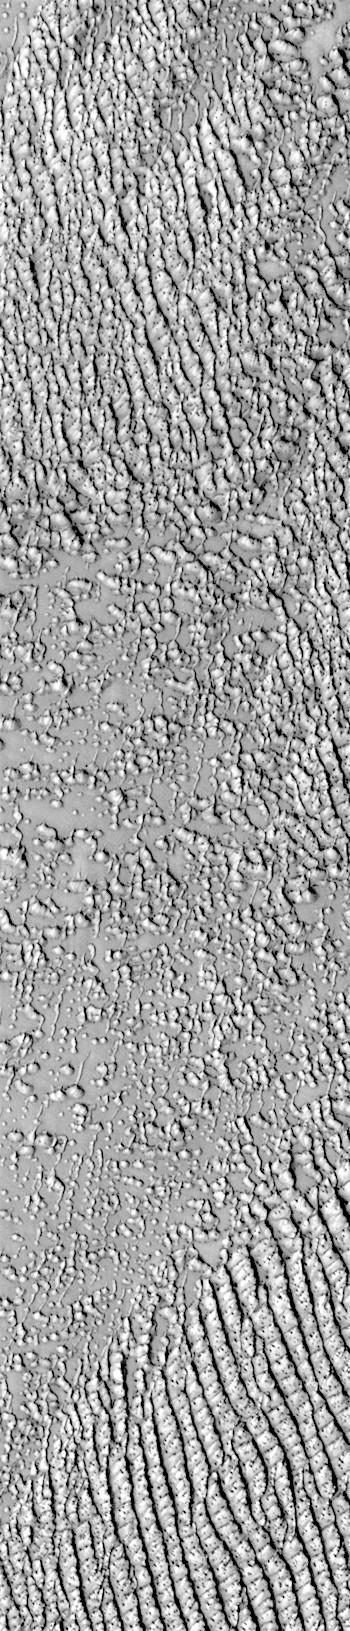 Dunes in Hyperboreae Undae (THEMIS_IOTD_20190805)